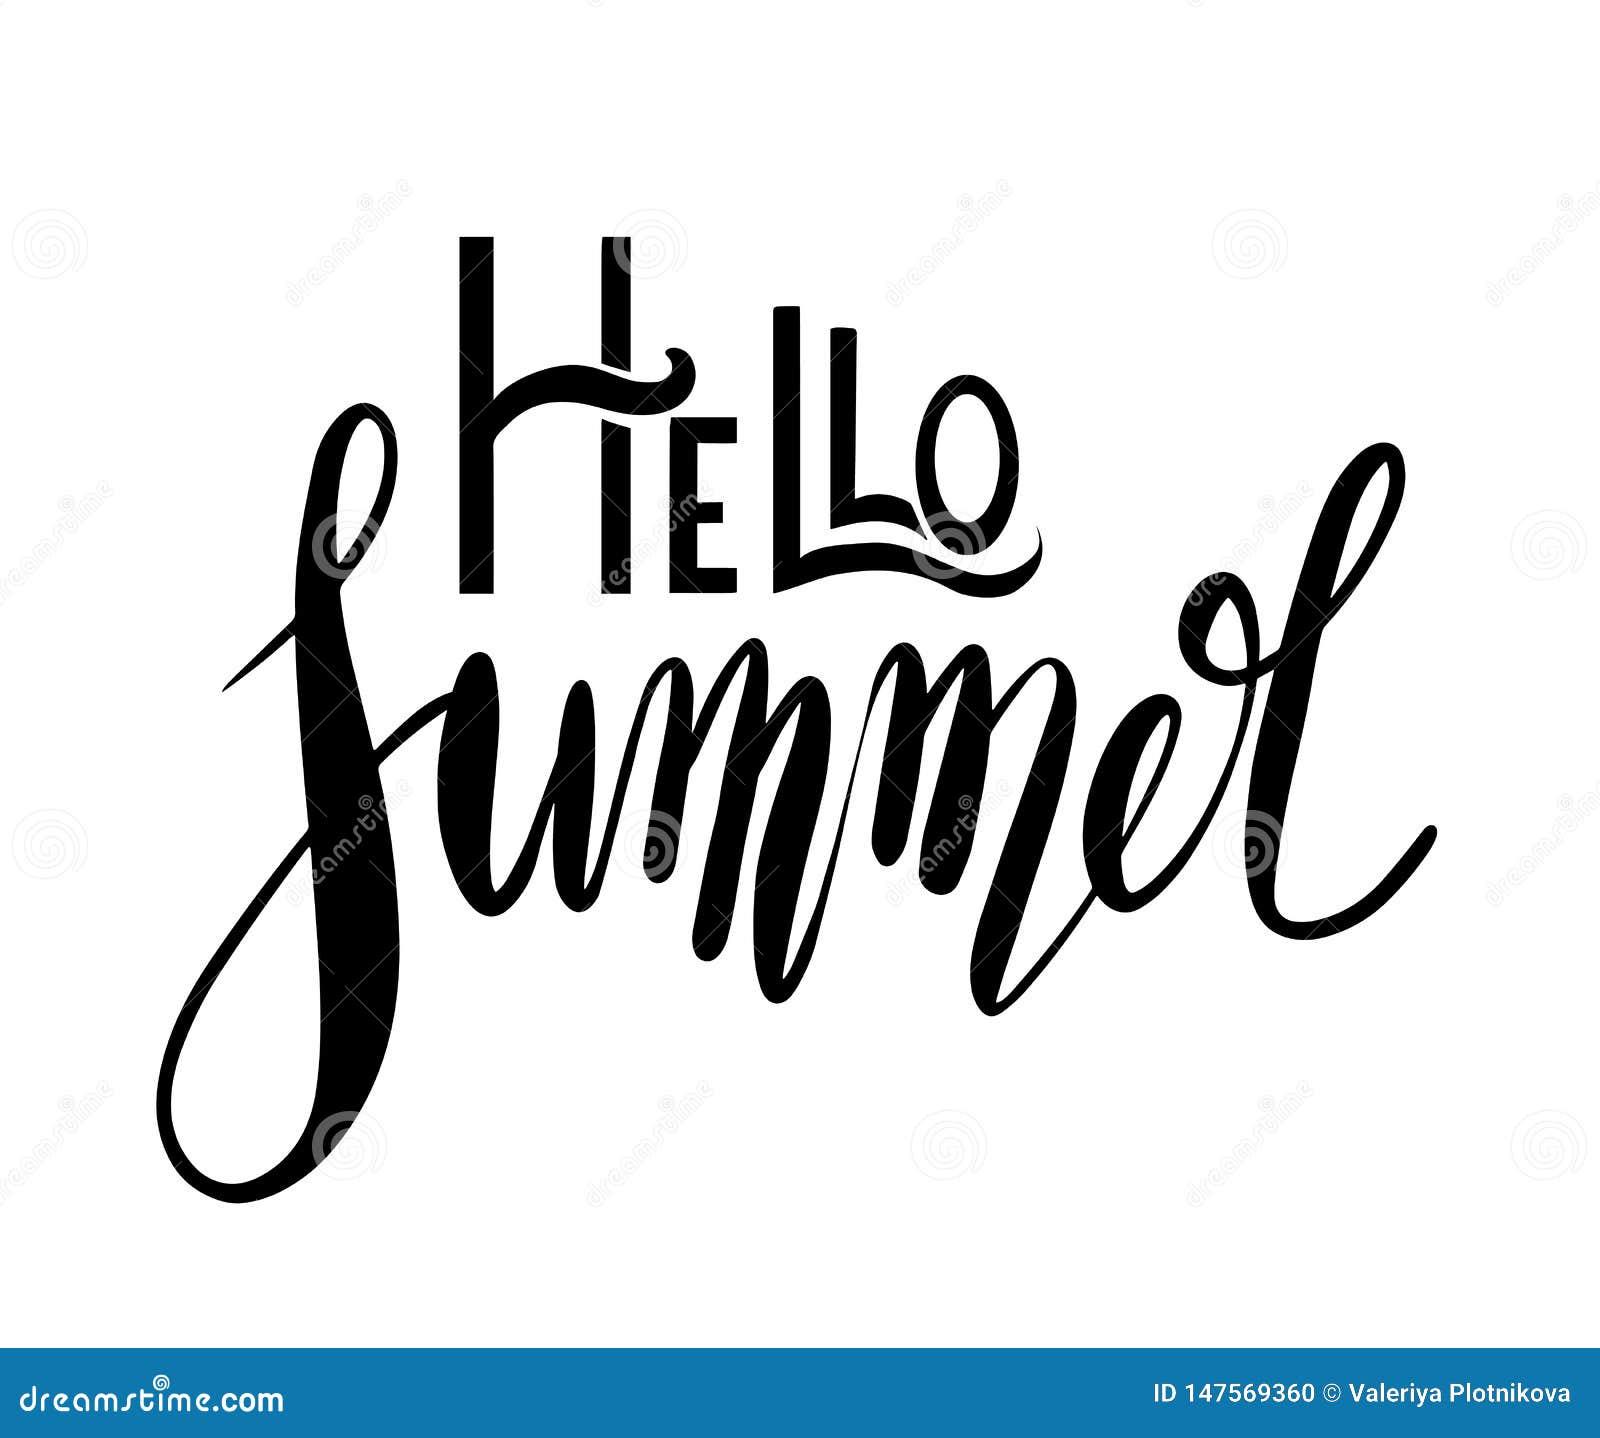 Γειά σου καλοκαίρι, χειρόγραφη εγγραφή Θετικό απόσπασμα για την έμπνευση Διανυσματικό στοιχείο καλλιγραφίας